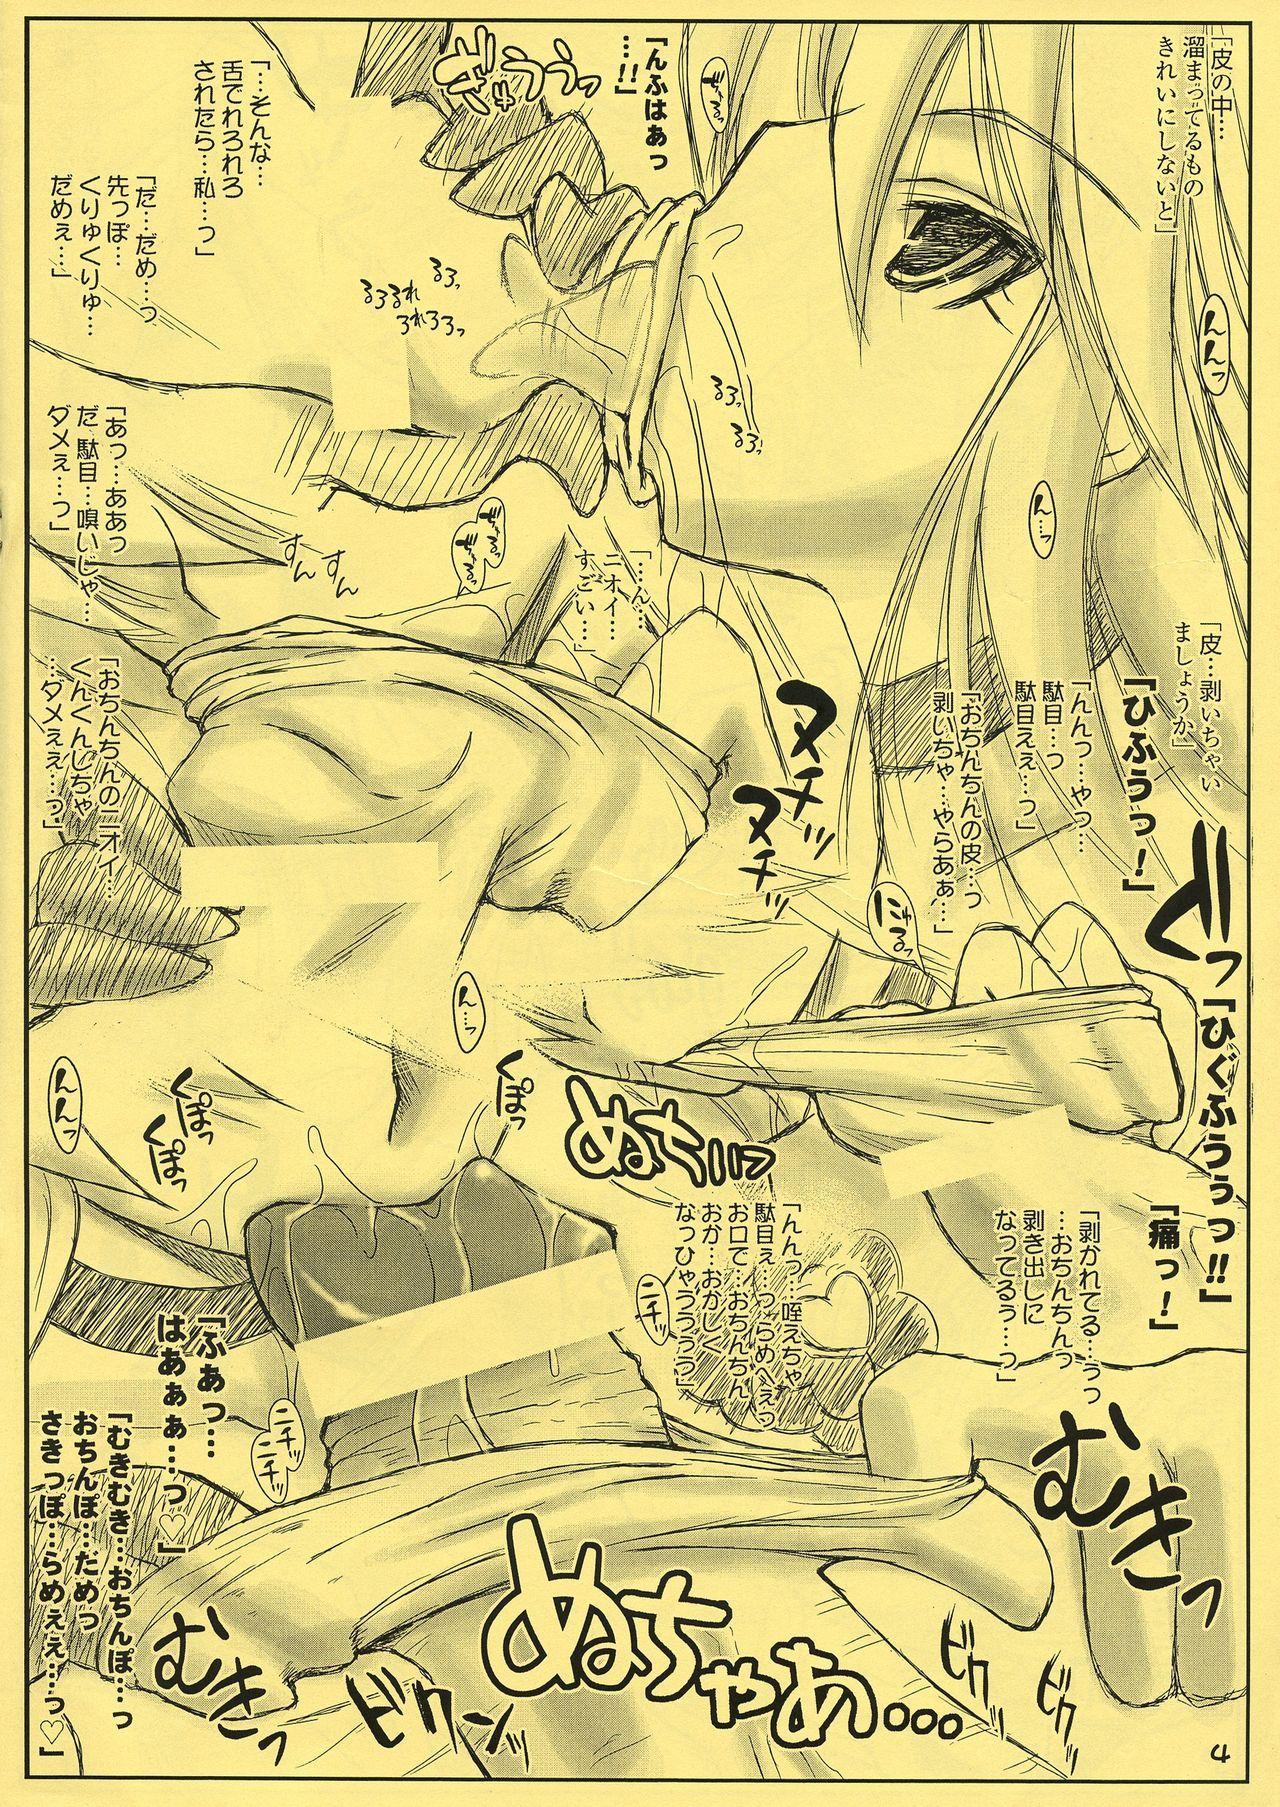 Cure Sunshine Muicha imashita 3